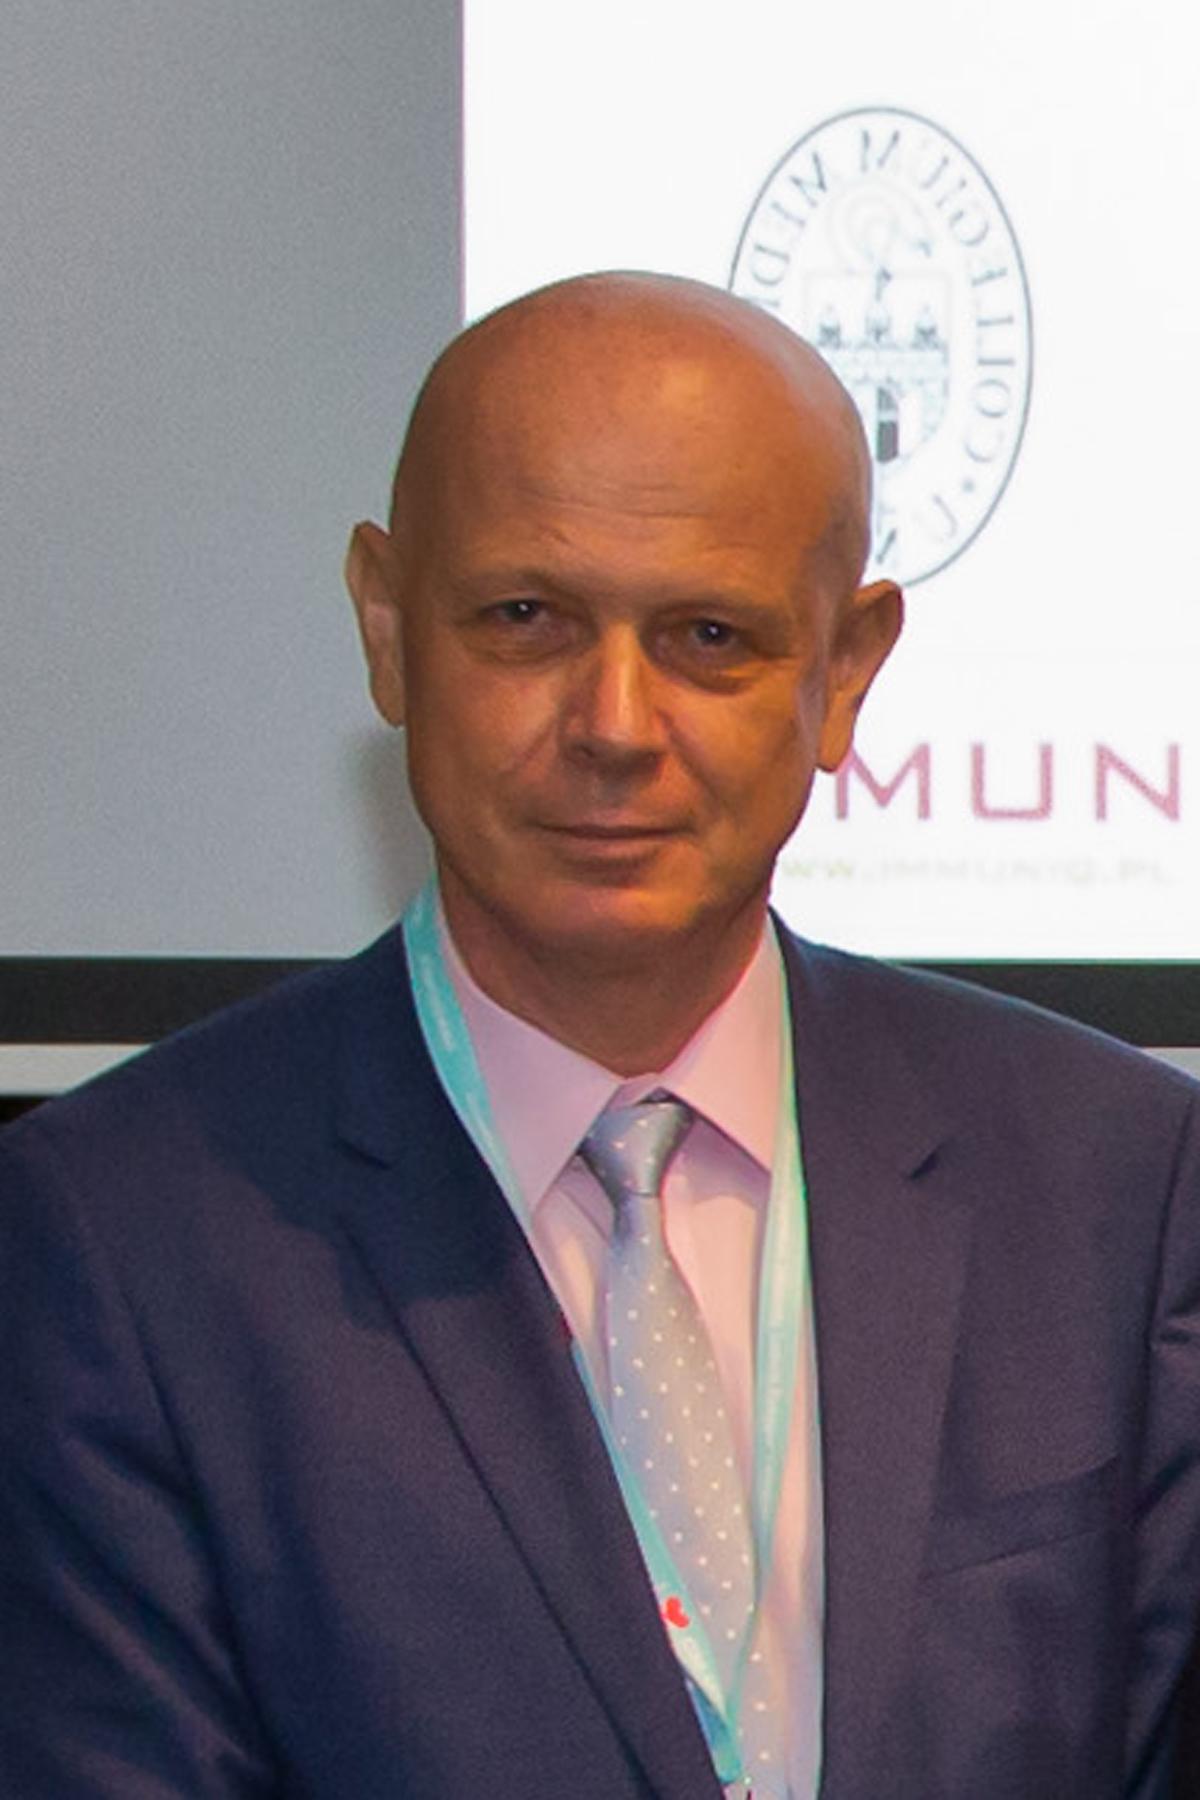 Kierownik Katedry: prof. dr hab. n. med. Zbigniew Włodarczyk